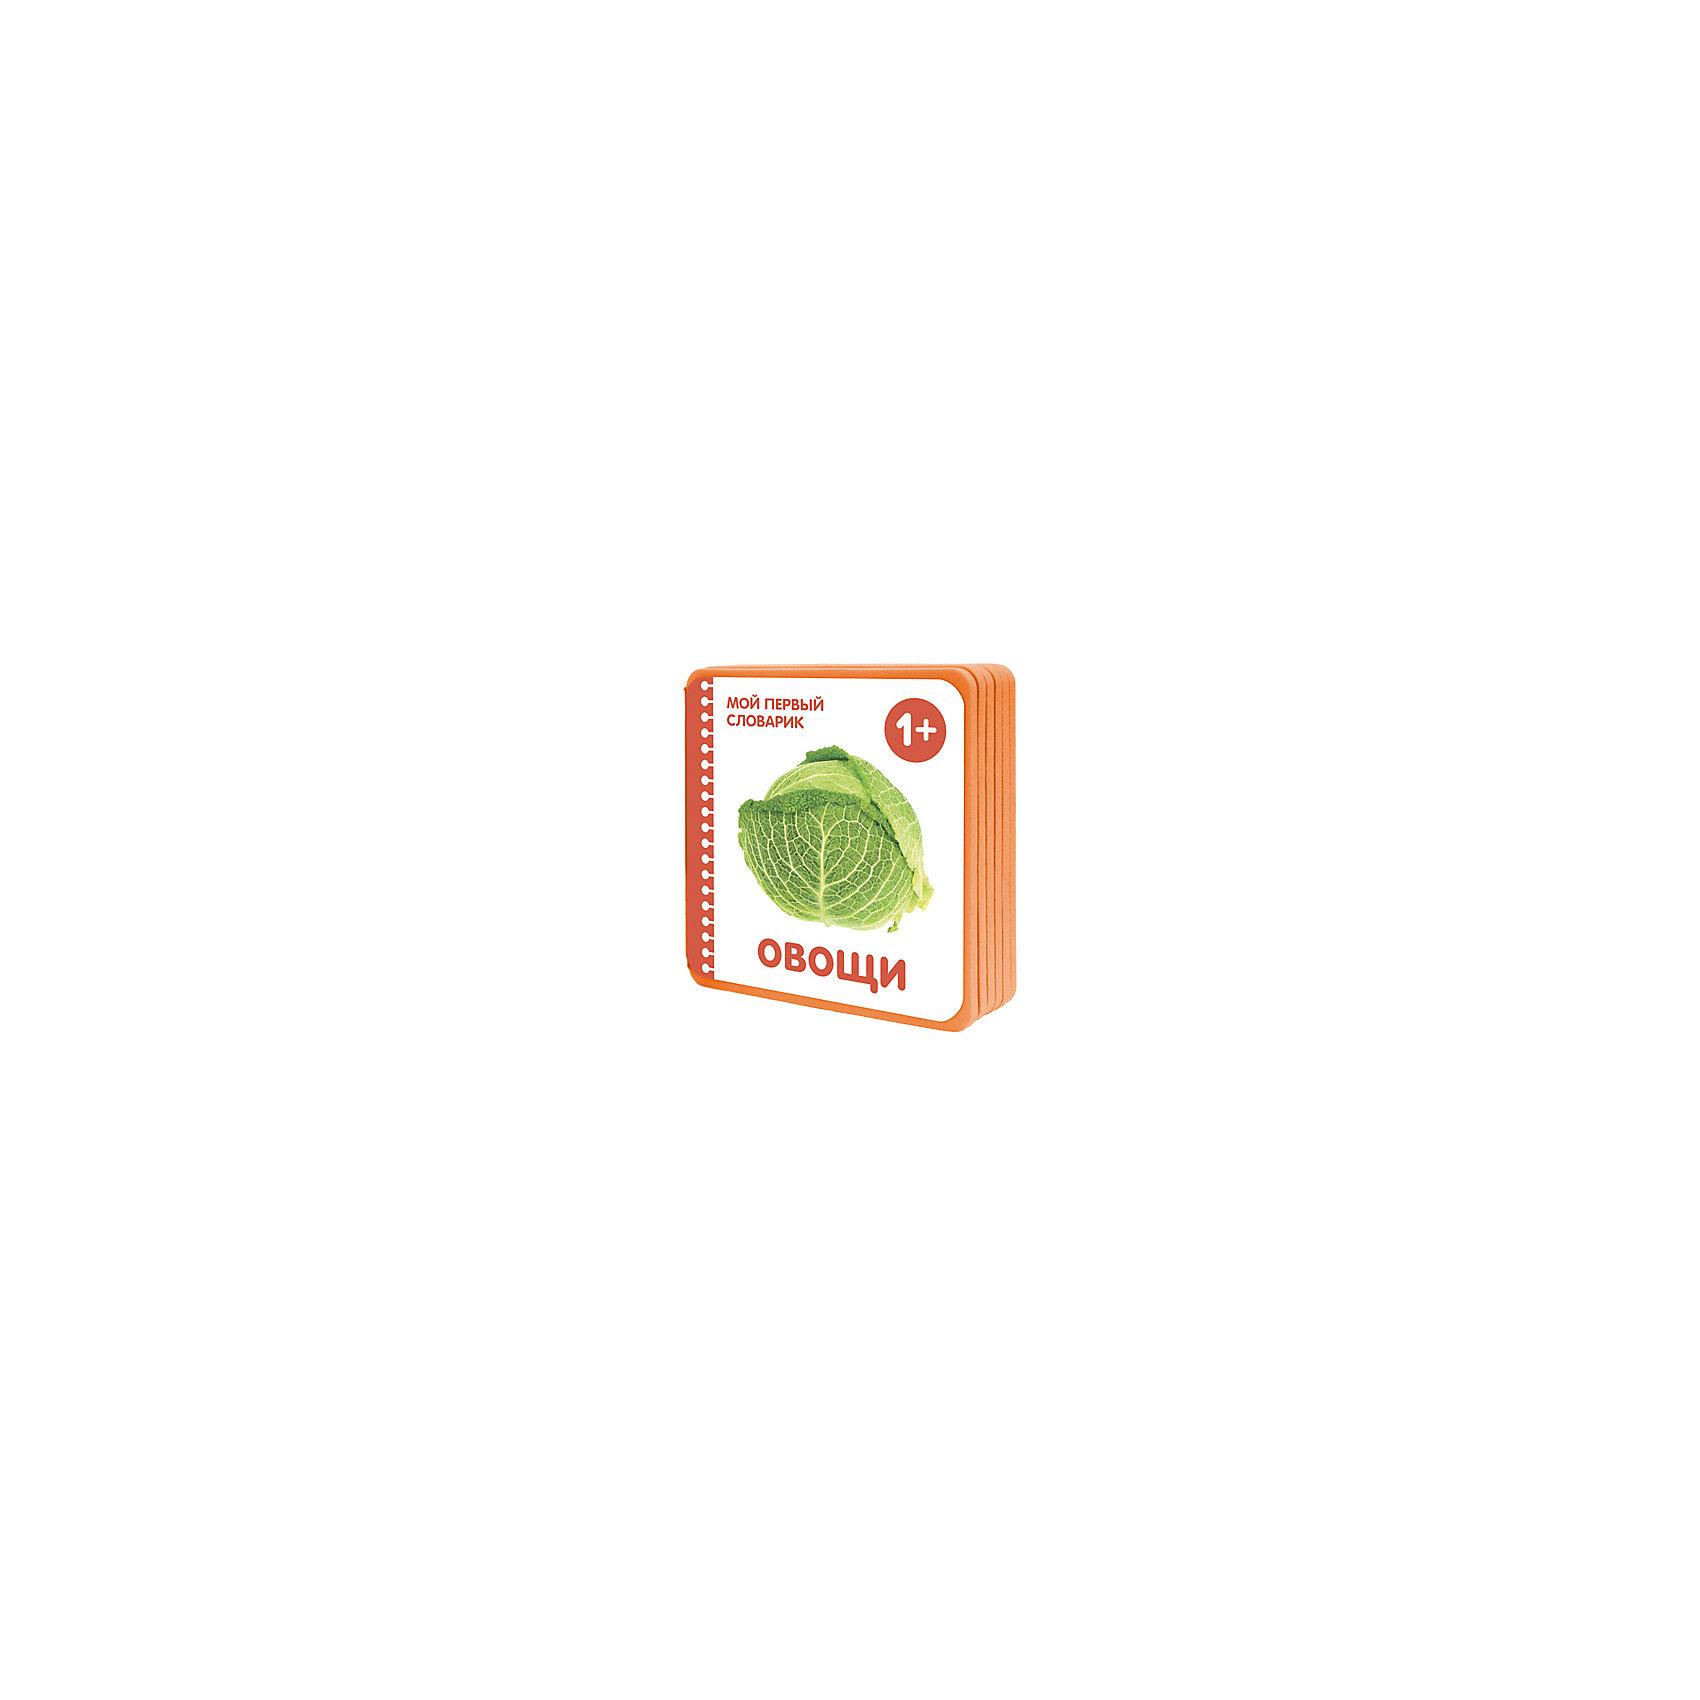 Мой первый словарик Овощи (EVA)Творчество для малышей<br>Мой первый словарик Овощи (EVA)<br><br>Характеристики:<br><br>• яркие иллюстрации<br>• привлекательные картинки<br>• мягкие плотные странички<br>• легко переворачивать<br>• количество страниц: 10<br>• издательство: Мозаика-Синтез<br>• автор: Краснушкина Е.Е.<br>• ISBN: 9785431506581<br>• оформление: ЭВА<br>• размер: 10,5х10,5х3 см<br>• вес: 55 грамм<br><br>Книга Овощи из серии Мой первый словарик поможет малышу составить представление об окружающем мире. Яркие иллюстрации расскажут о различных овощах. Книга изготовлена из пены Eva, что особенно удобно для детских ручек. Малыш с лёгкостью перевернет страничку, чтобы поскорее узнать новую информацию.<br><br>Мой первый словарик Овощи (EVA) вы можете купить в нашем интернет-магазине.<br><br>Ширина мм: 30<br>Глубина мм: 105<br>Высота мм: 105<br>Вес г: 55<br>Возраст от месяцев: 12<br>Возраст до месяцев: 36<br>Пол: Унисекс<br>Возраст: Детский<br>SKU: 5362917